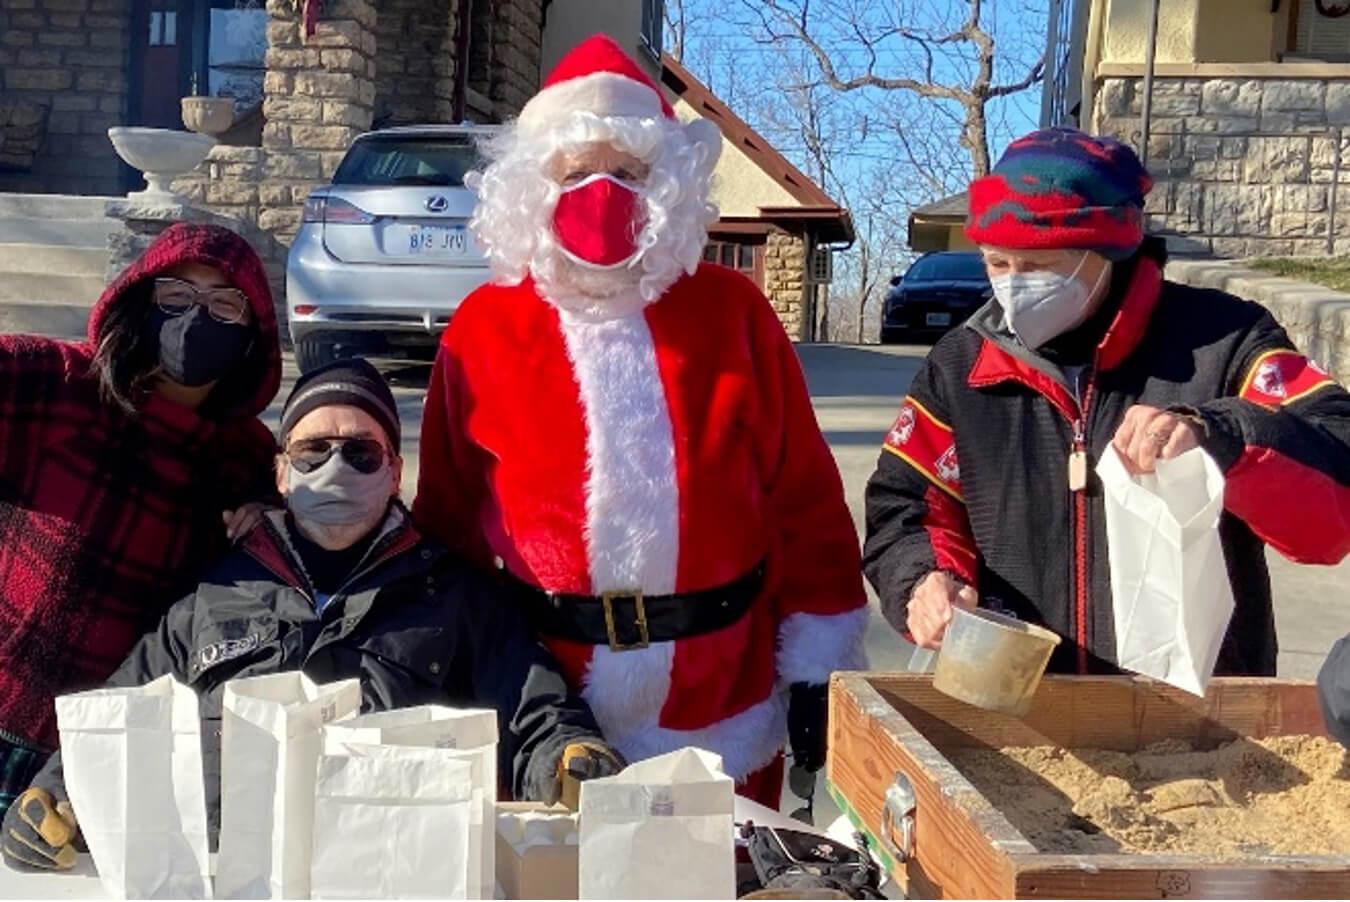 Luminarias Bring out Highlanders, Angels, and Santa